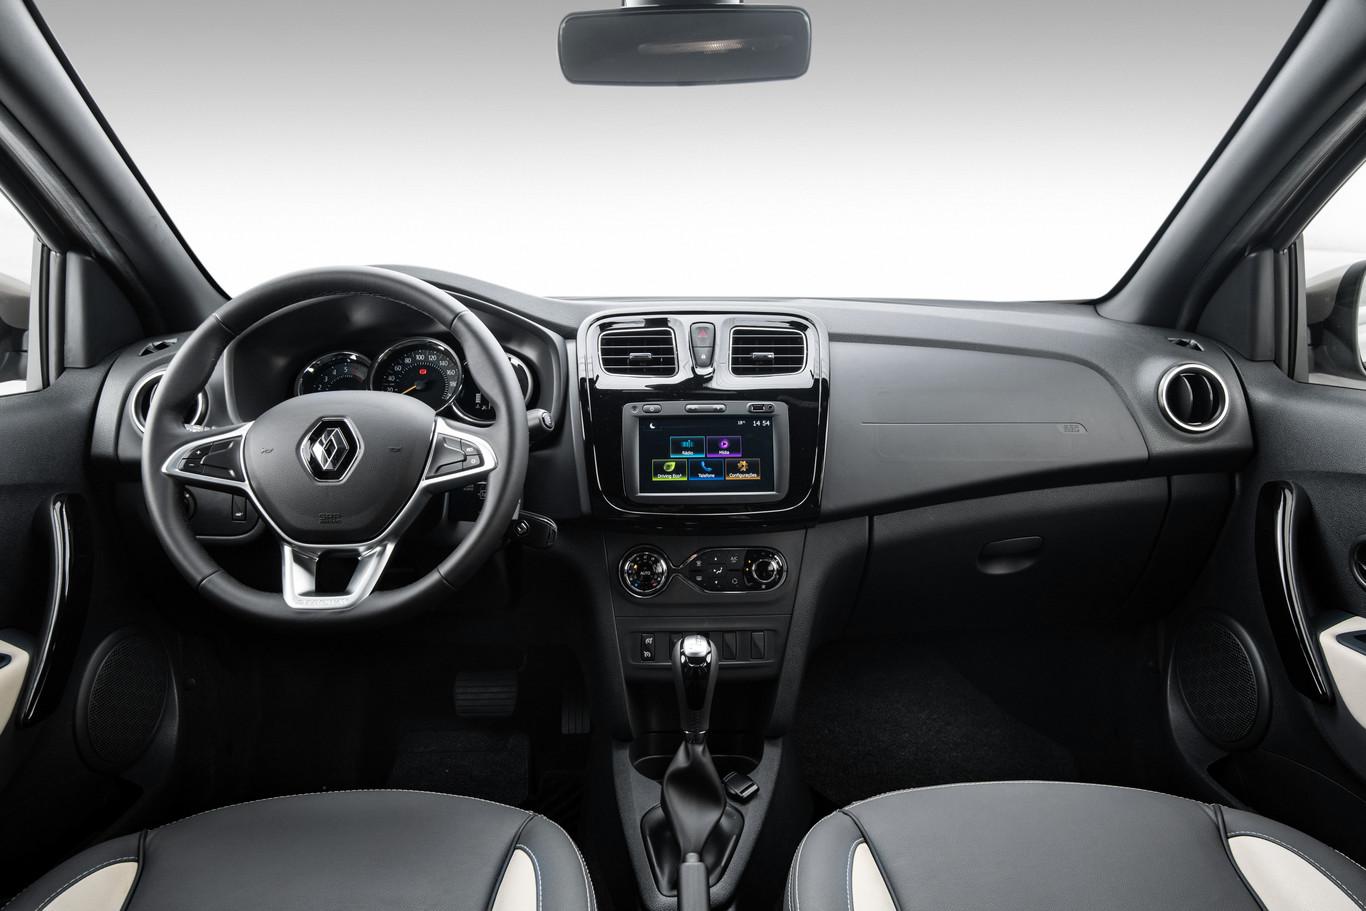 La Renault Stepway Intens CVT 2020 resena opiniones tiene un nuevo diseño de volante